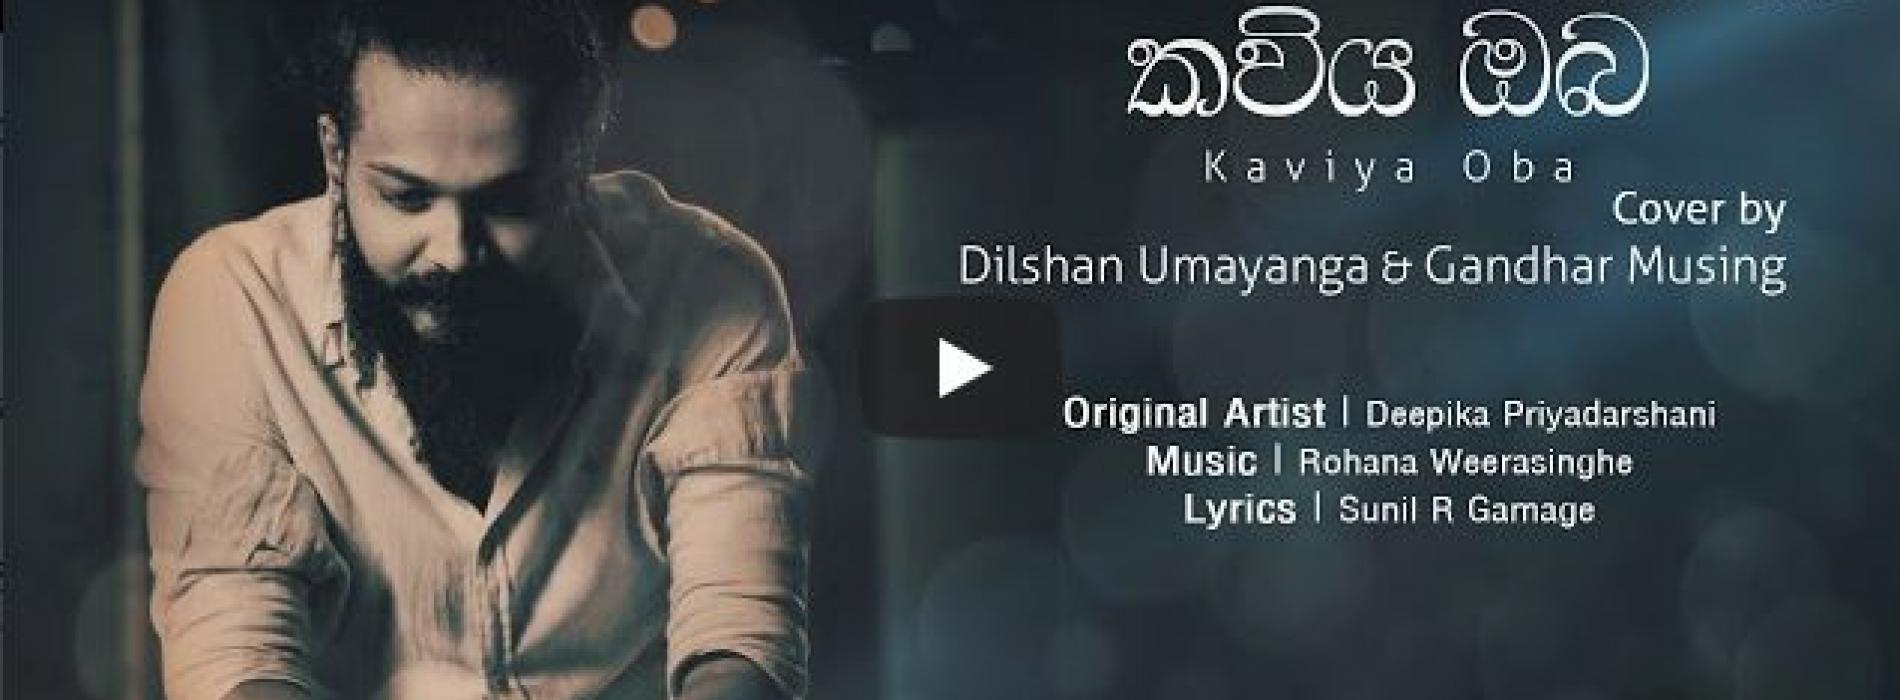 Kaviya Oba Cover By Dilshan Umayanga